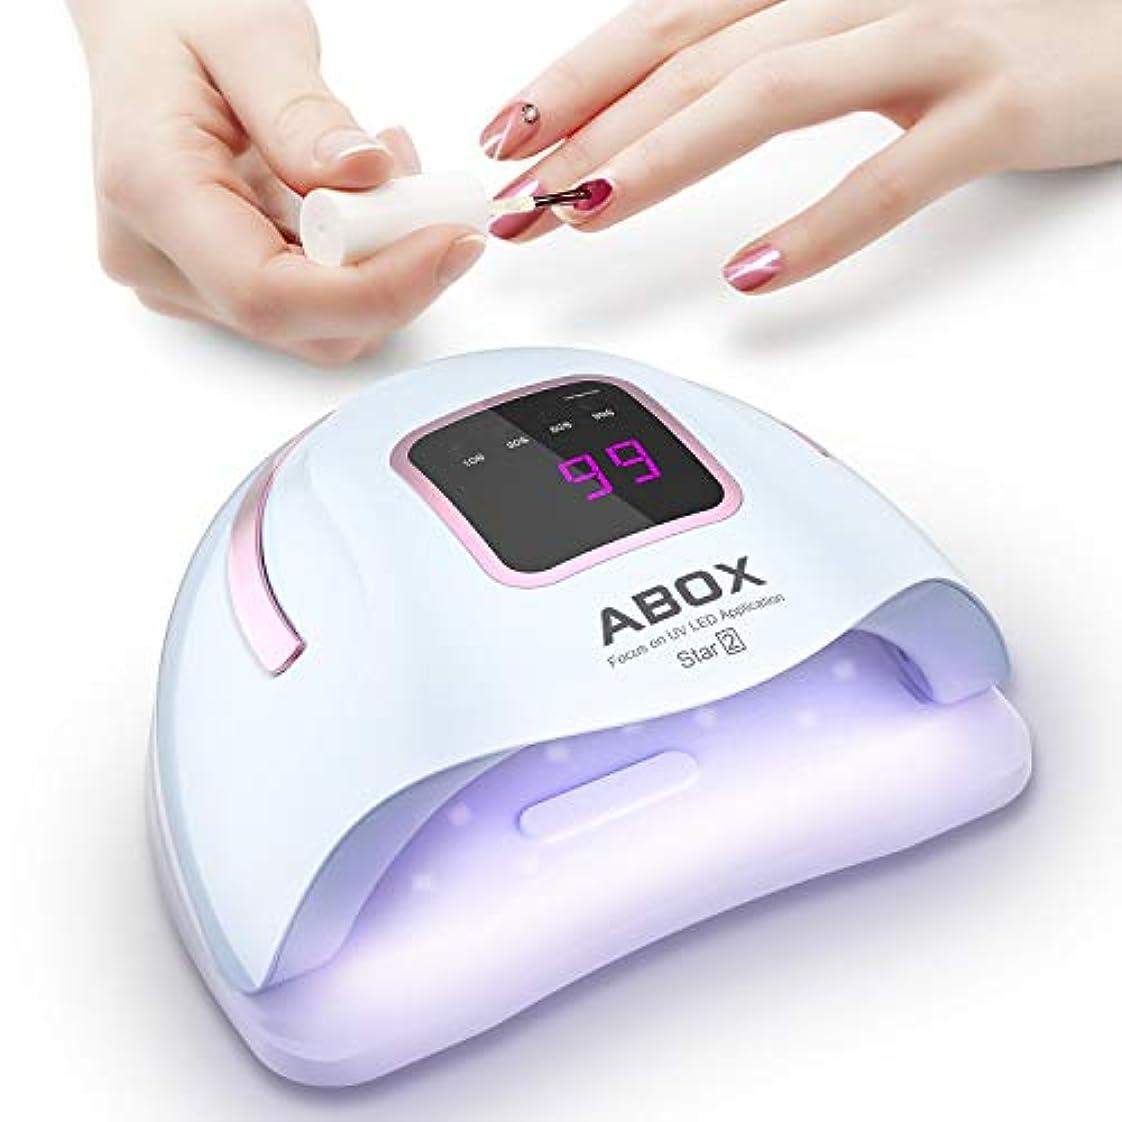 熱望する炭素発信ネイルドライヤー ABOX 72W 硬化用UV+LEDライト 4段階タイマー付き 自動センサー 携帯便利 ポリッシュもジェルネイル対応 時間目安 日本語説明書付き